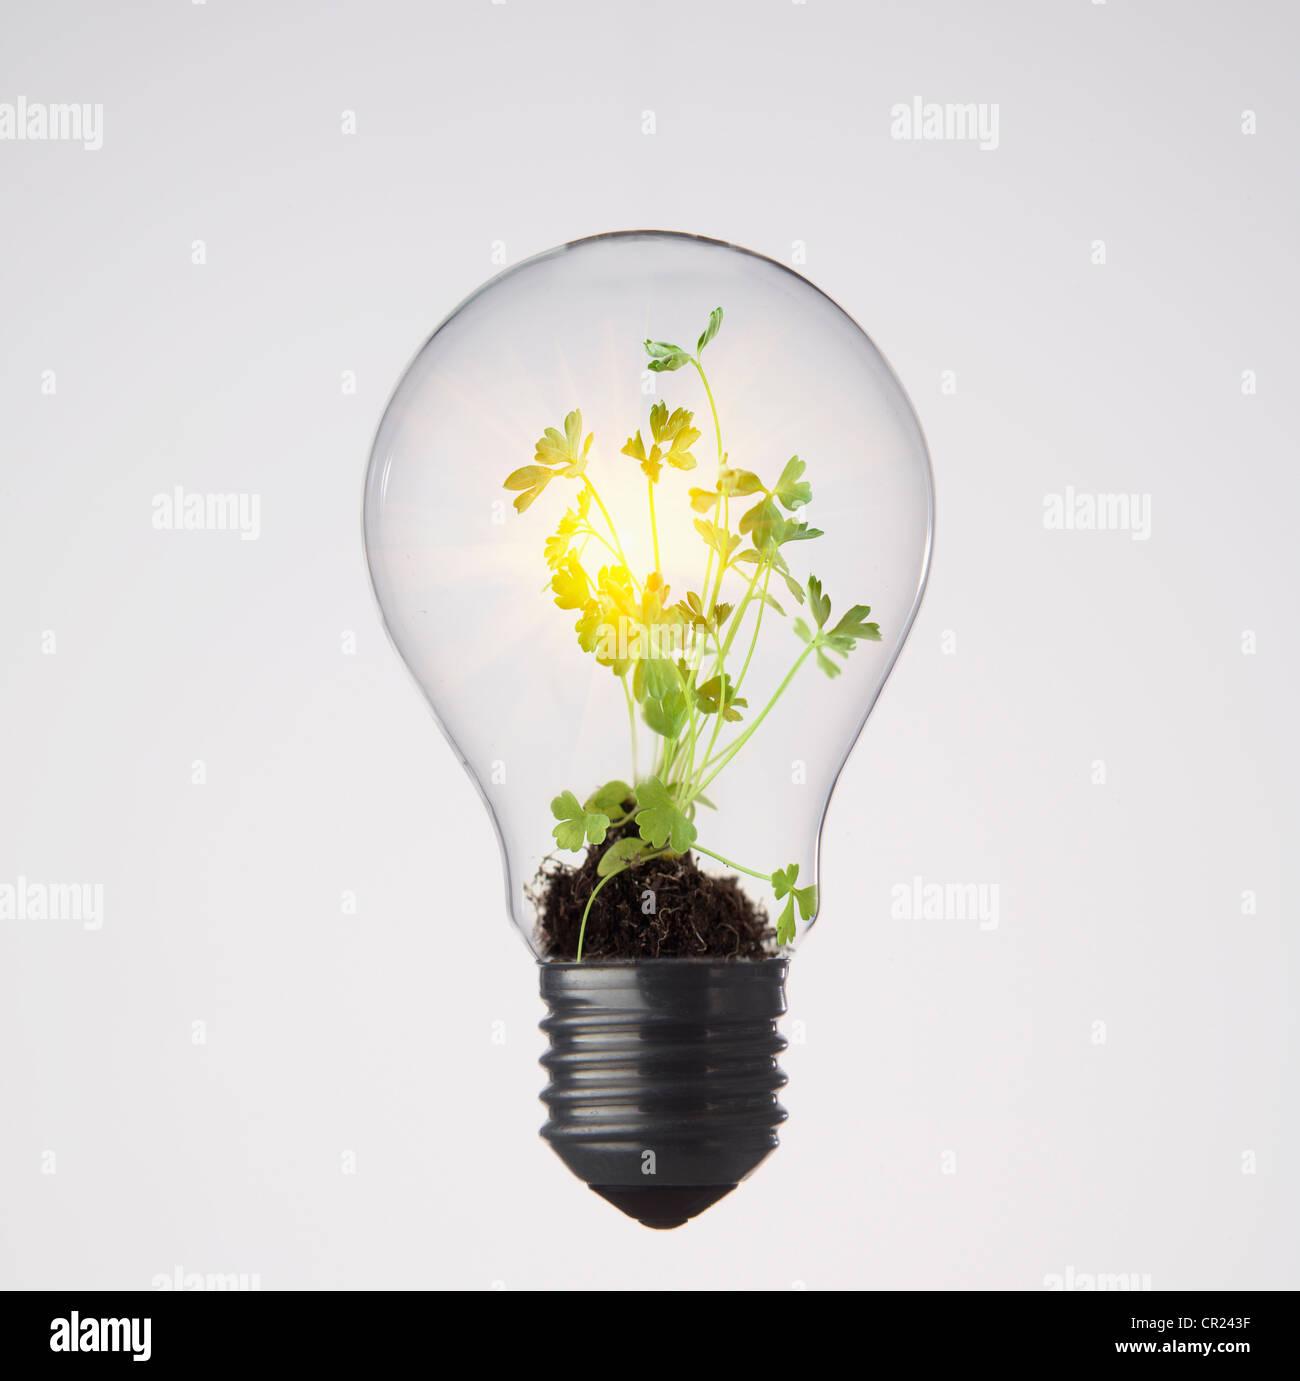 Las plantas que crecen en la bombilla Imagen De Stock